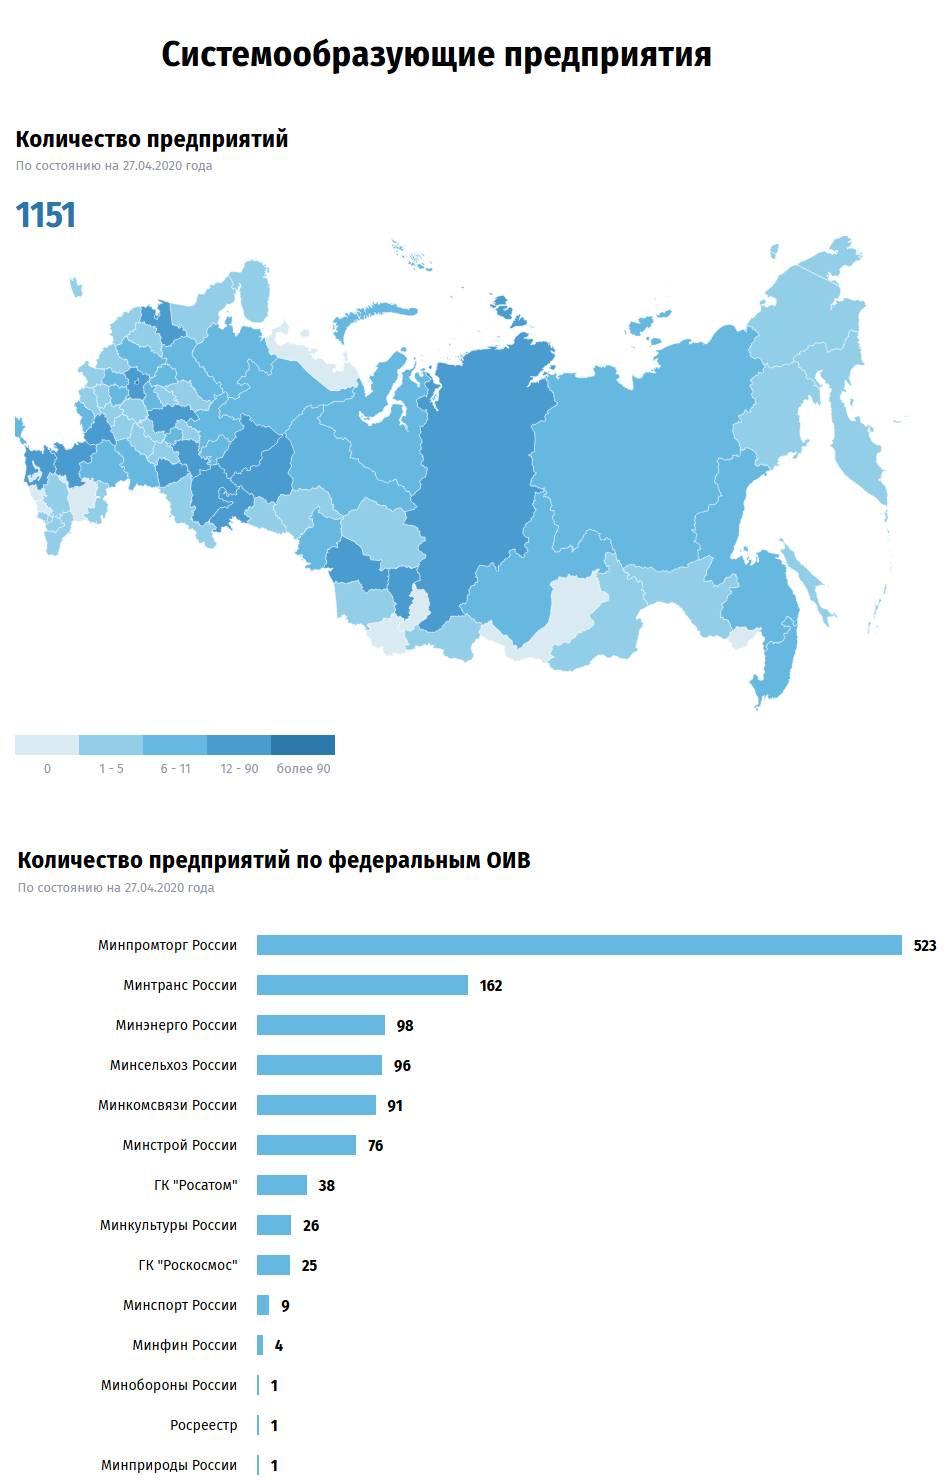 Минэкономразвития: Перечень системообразующих предприятий онлайн